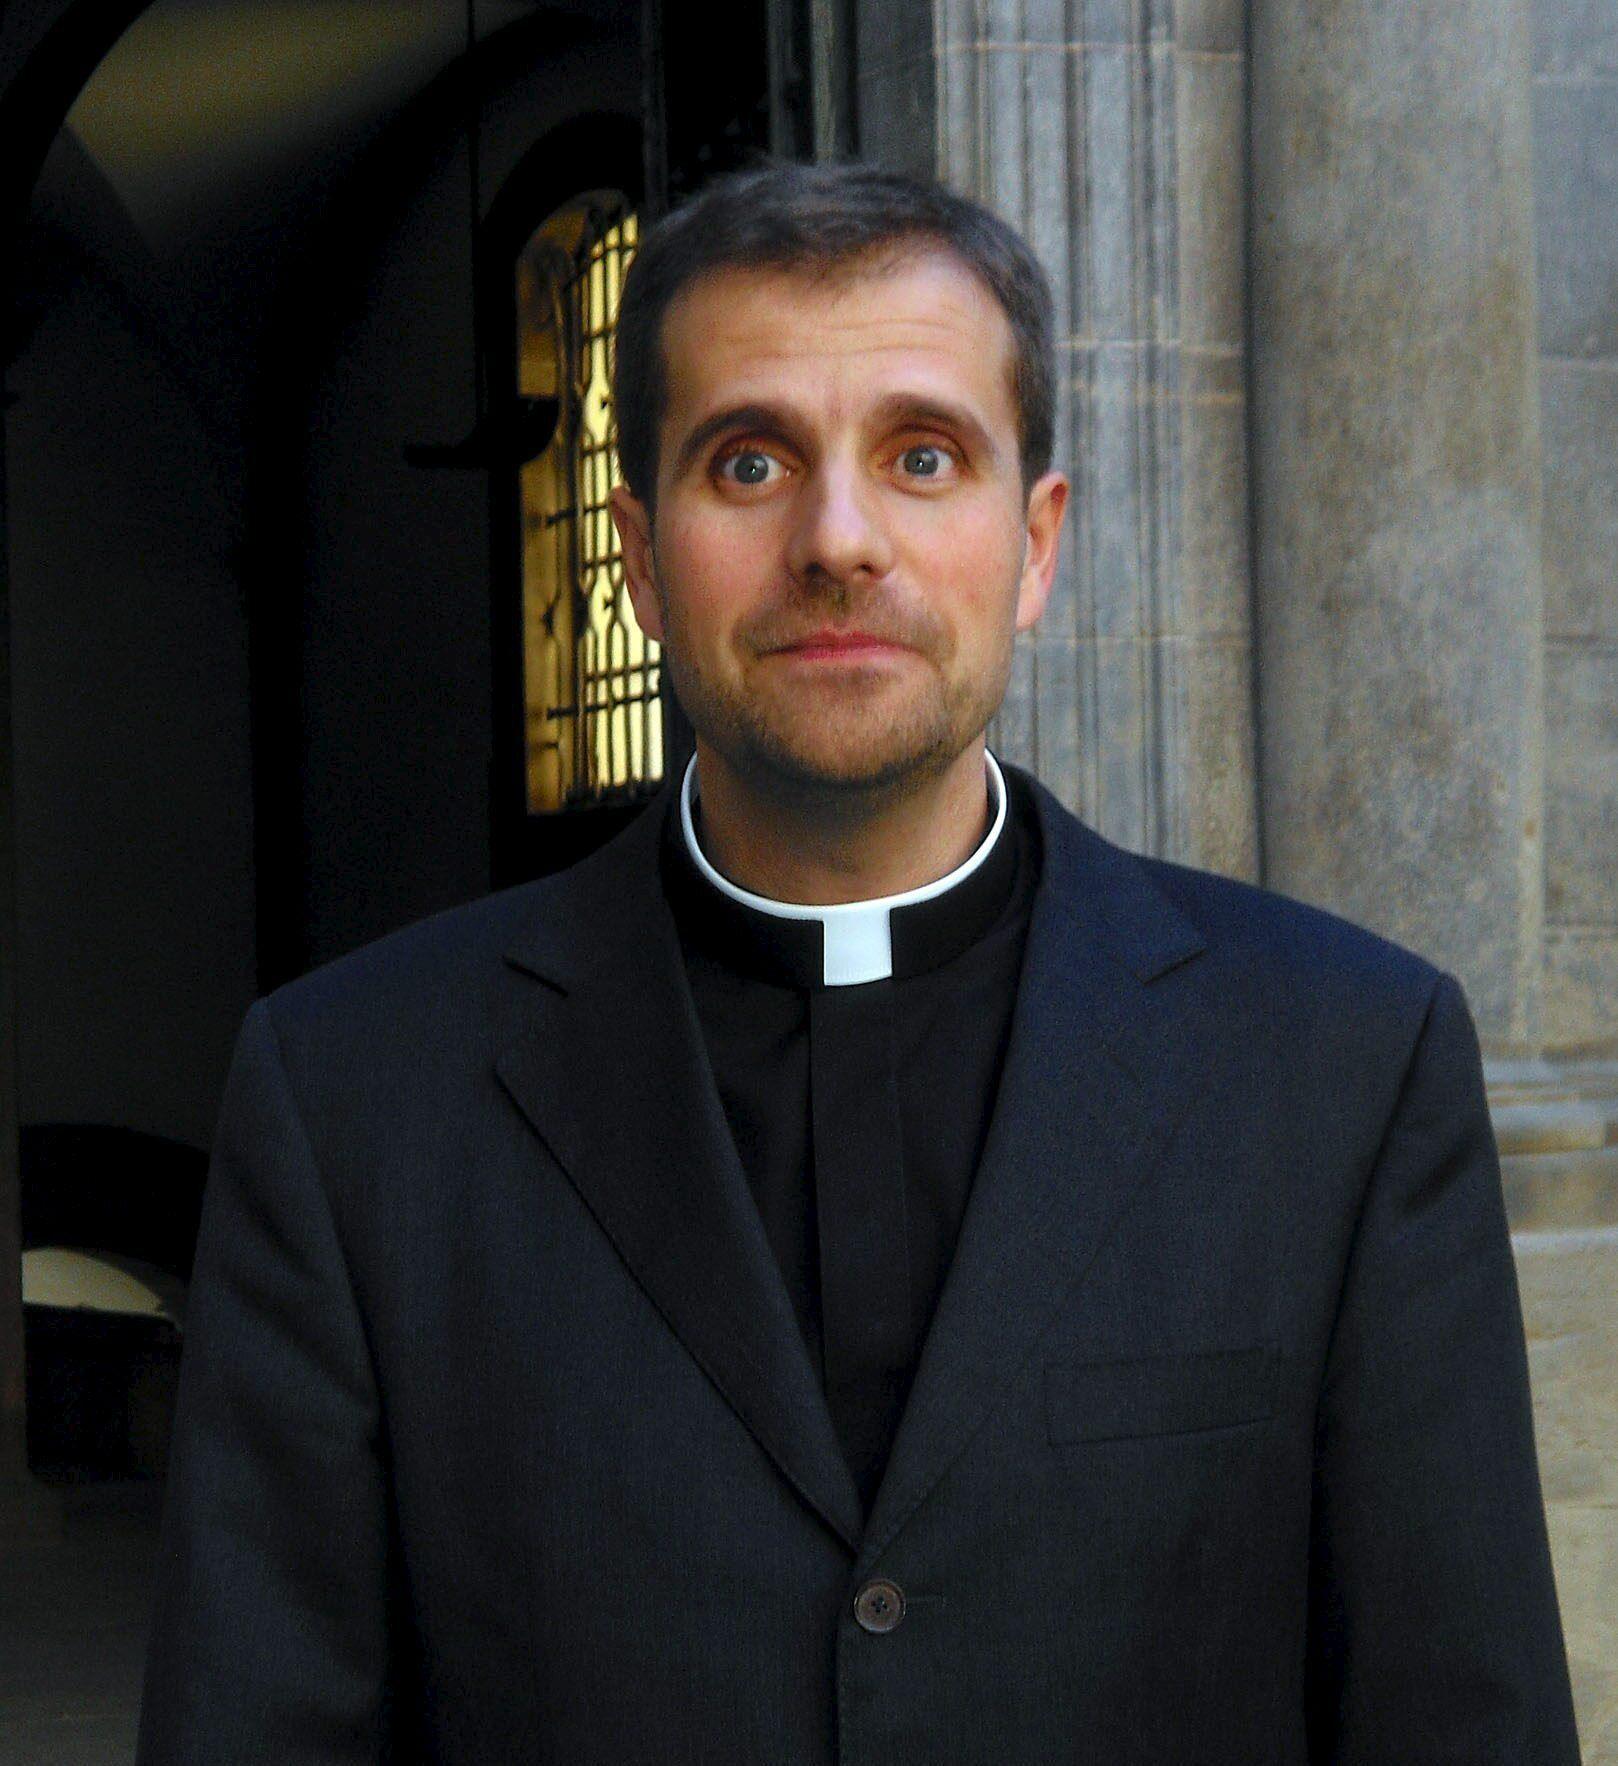 Xavier Novell, quien fuera Obispo de Solsona hasta su renuncia el pasado mes de agosto. EFE/Ramon Estany/Archivo